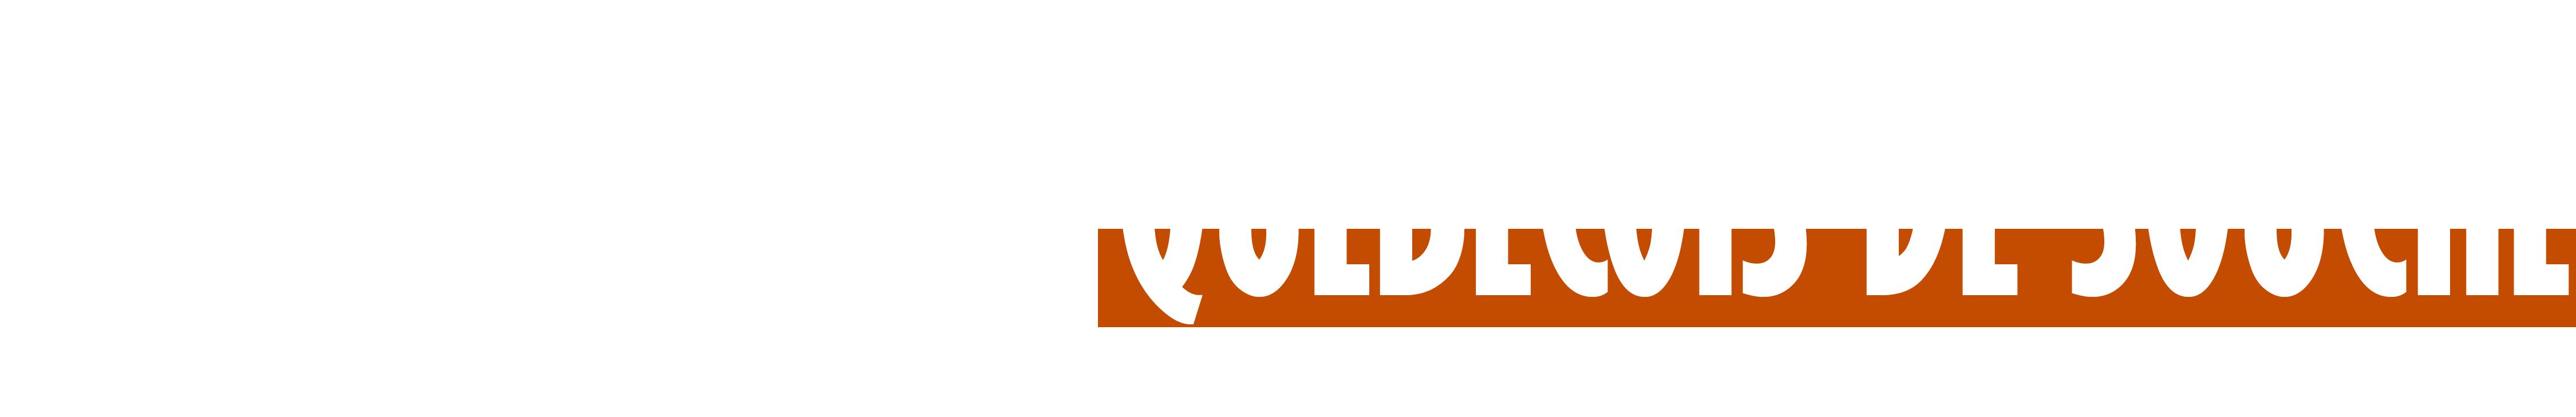 Le respect dû aux morts se perd au Québec et ailleurs dans le monde... Logooo